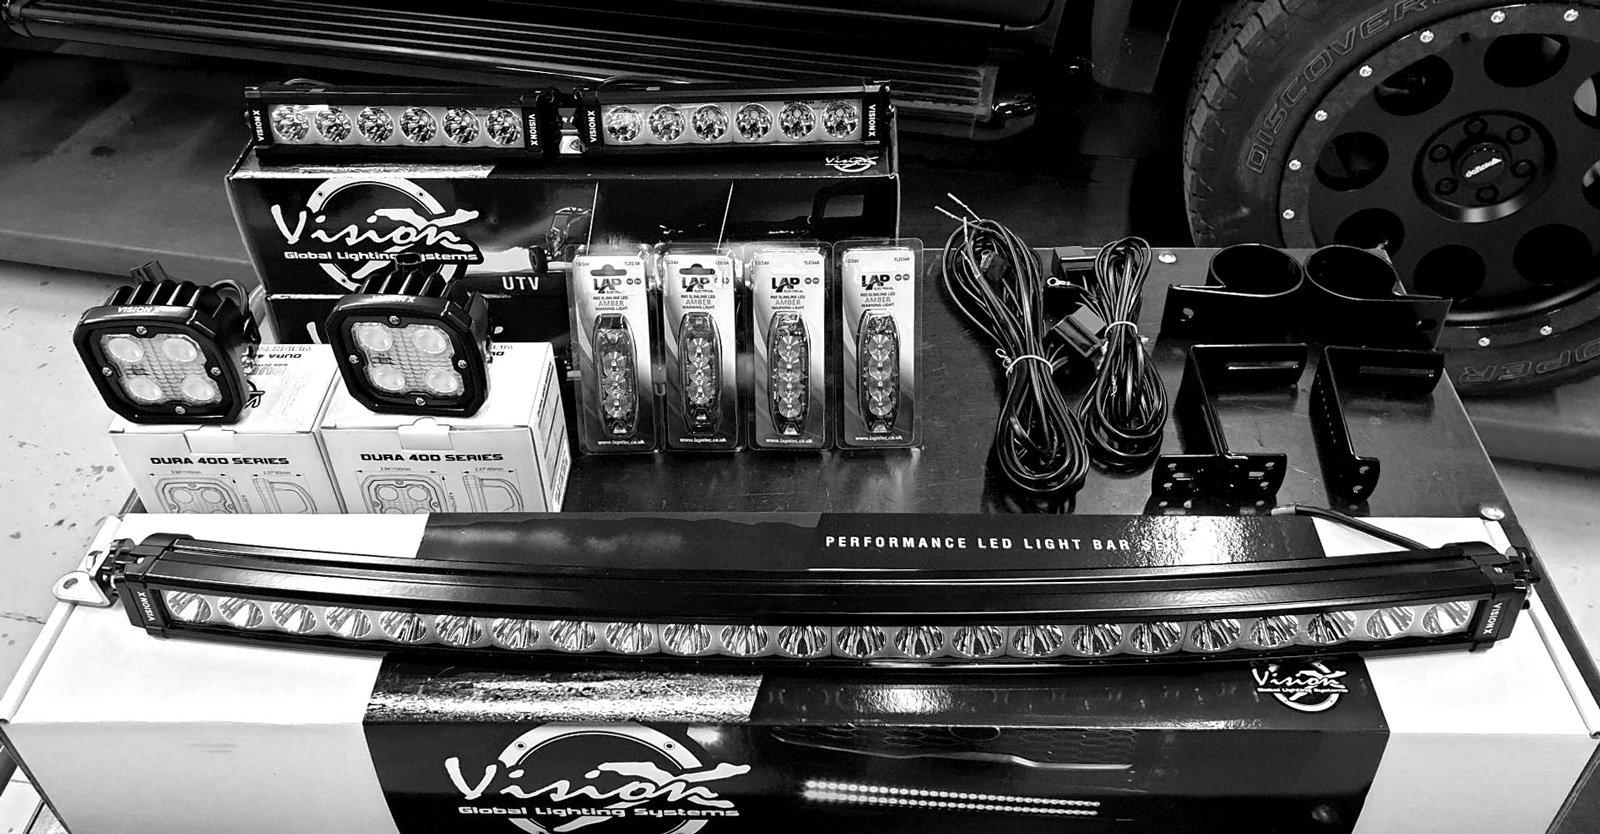 För en ljusår tillvaro även när det är som mörkast har ett ordentligt ljuspaket från Vision X monterats på James X350. Även oranga varningsblinkers som ofta användas när James kör med sin bil på Gran Turismo Events och behöver varna andra bilar att hålla sig ur vägen.